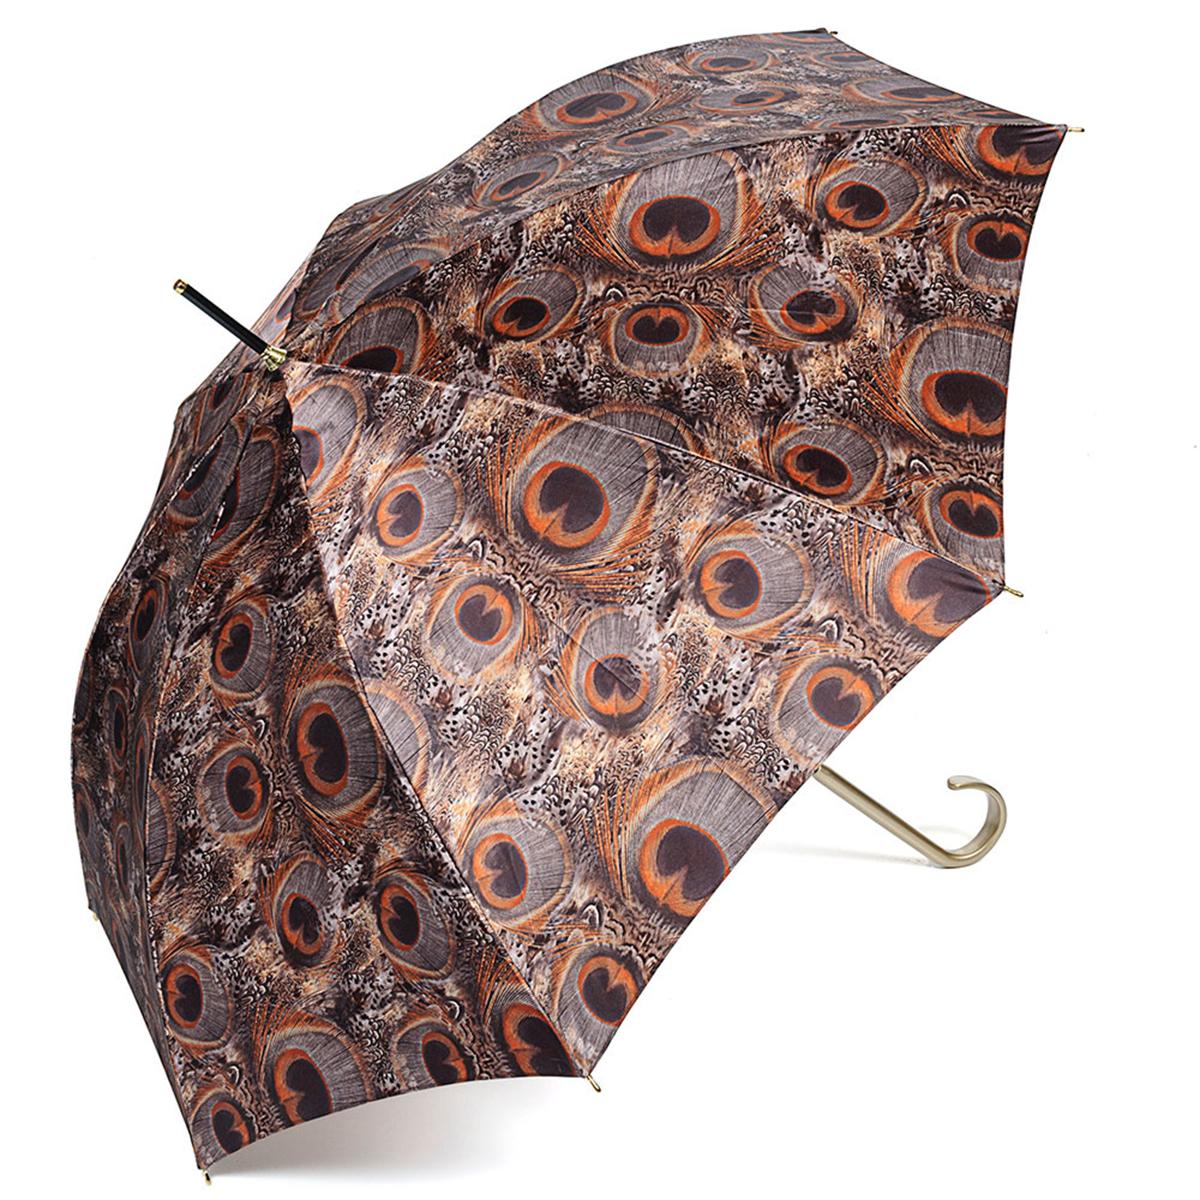 Зонт-трость женский Stilla, цвет: коричневый. 726/2 auto726/2 autoЗонт-трость Stilla надежно защитит вас от дождя. Купол, оформленный оригинальным принтом, выполнен из высококачественного ПВХ, который не пропускает воду. Каркас зонта и спицы выполнены из высококарбонистой стали. Зонт имеет автоматический тип сложения: открывается и закрывается при нажатии на кнопку. Удобная ручка выполнена из пластика.